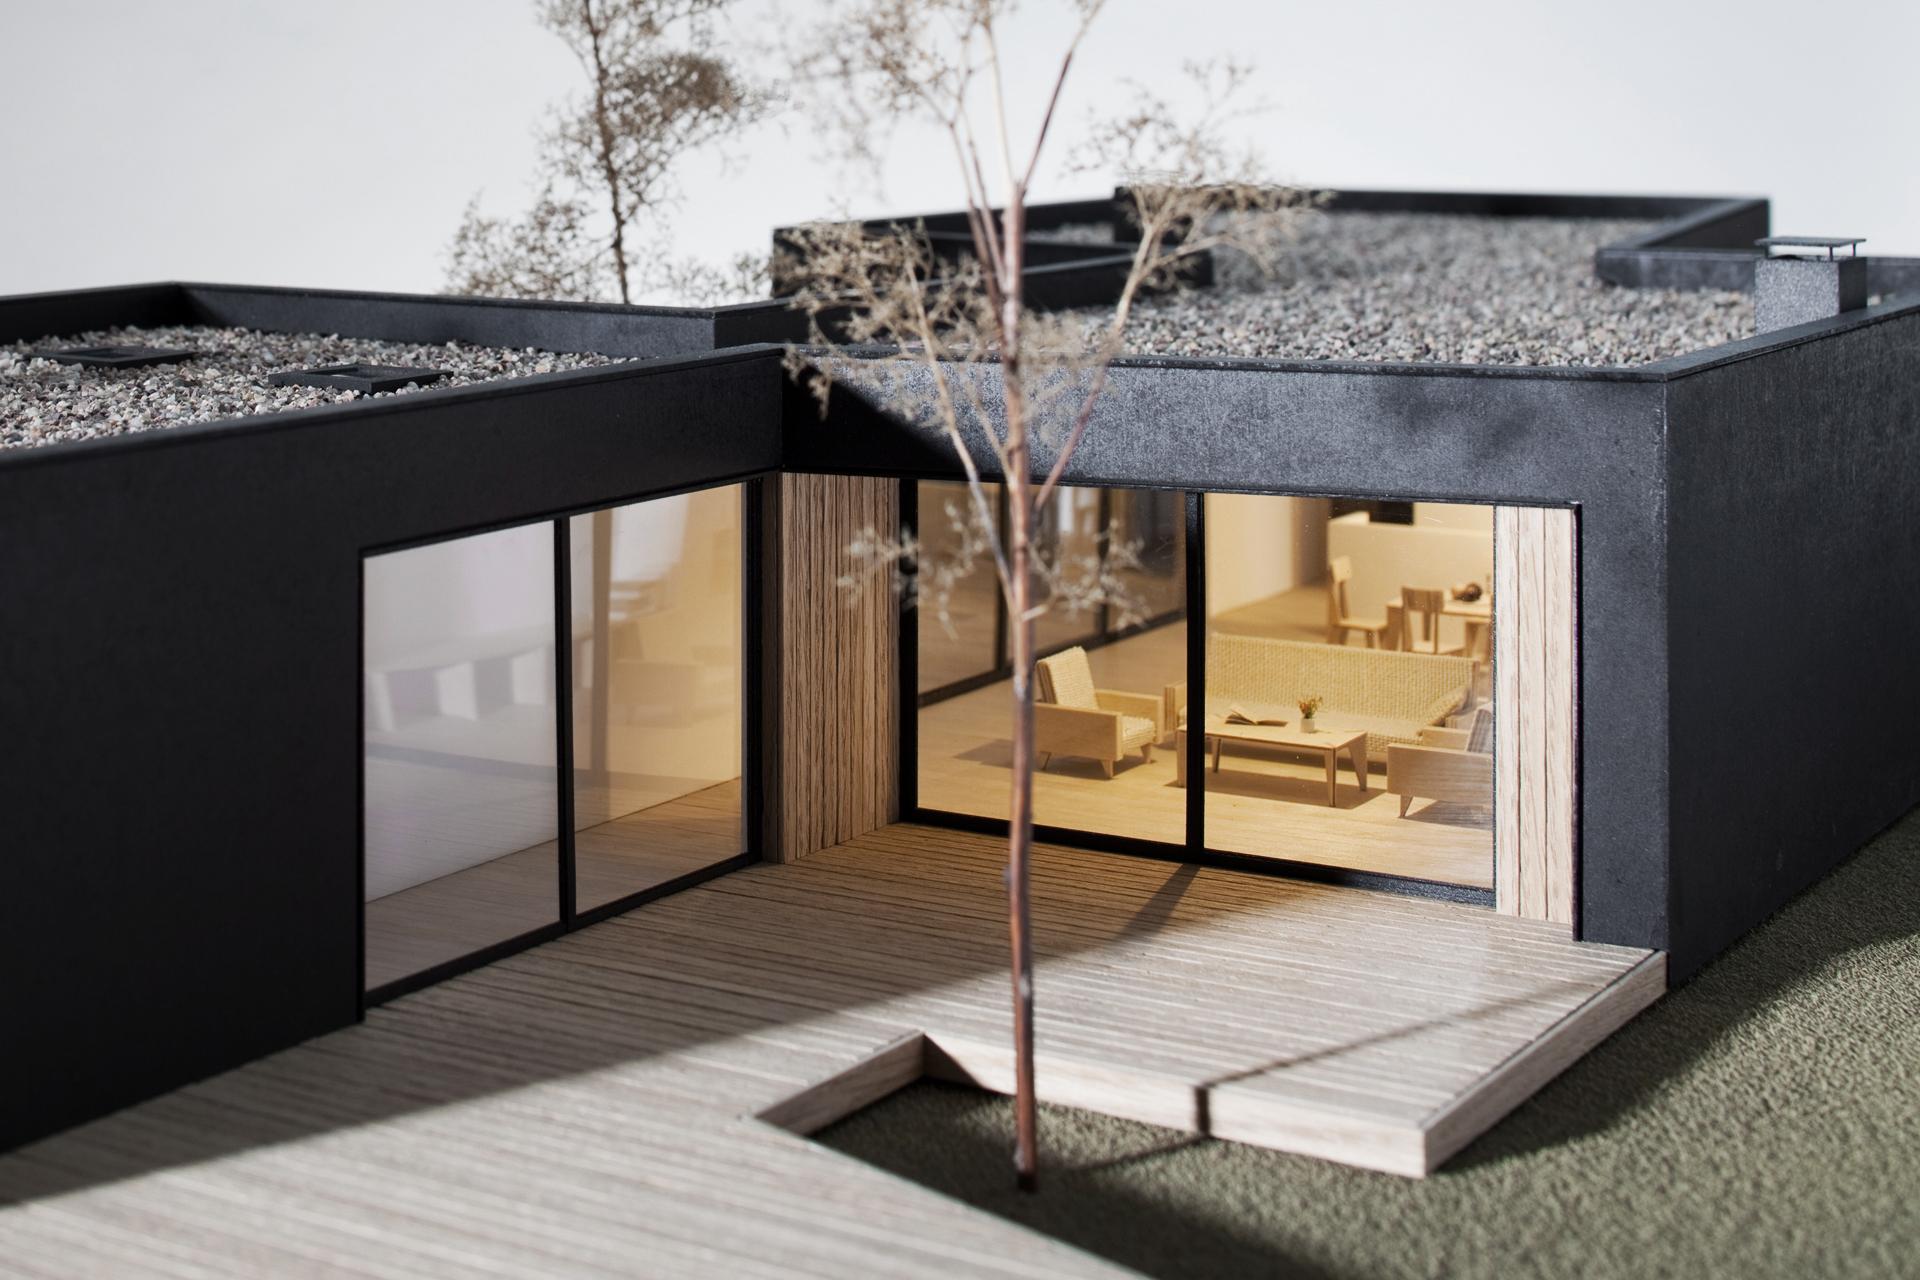 onimo-makiety-architektoniczne-PAG-patio-03